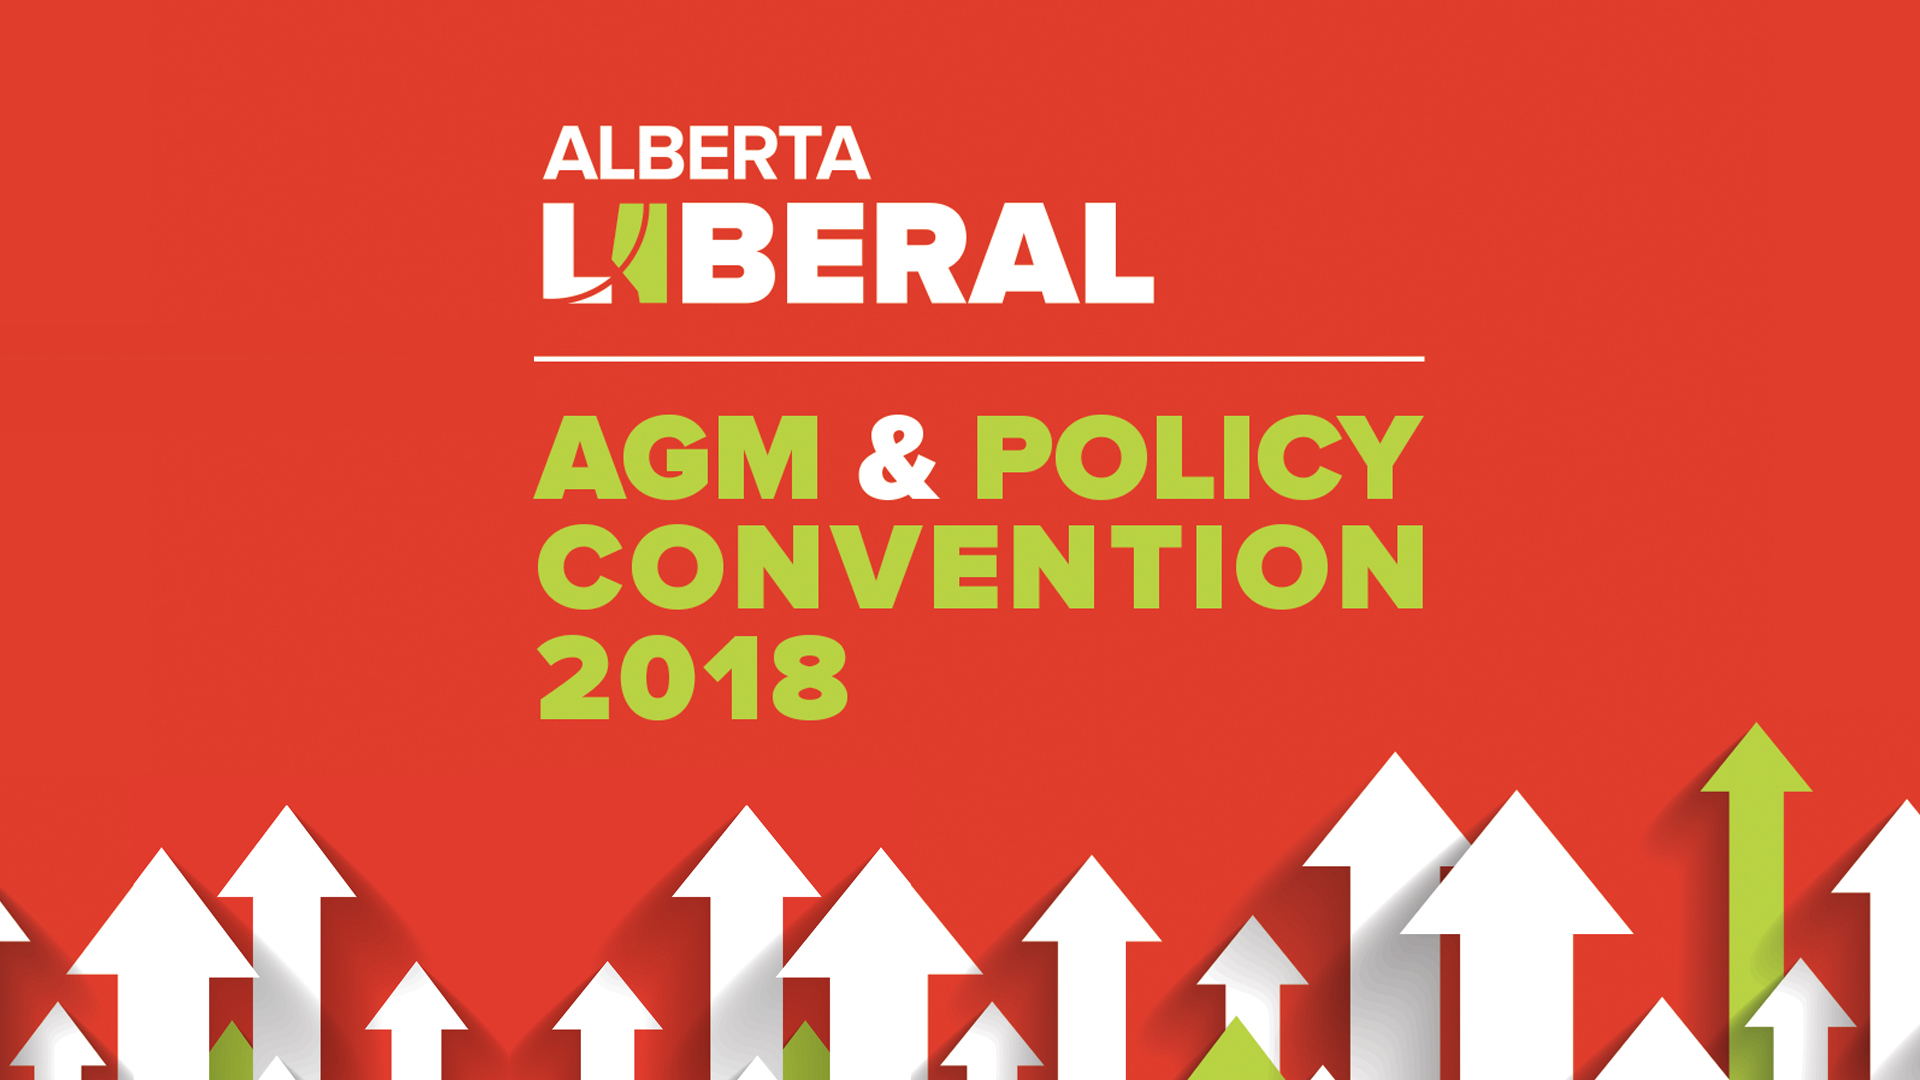 AB_Lib_AGM_Policy_Conv_2018.jpg